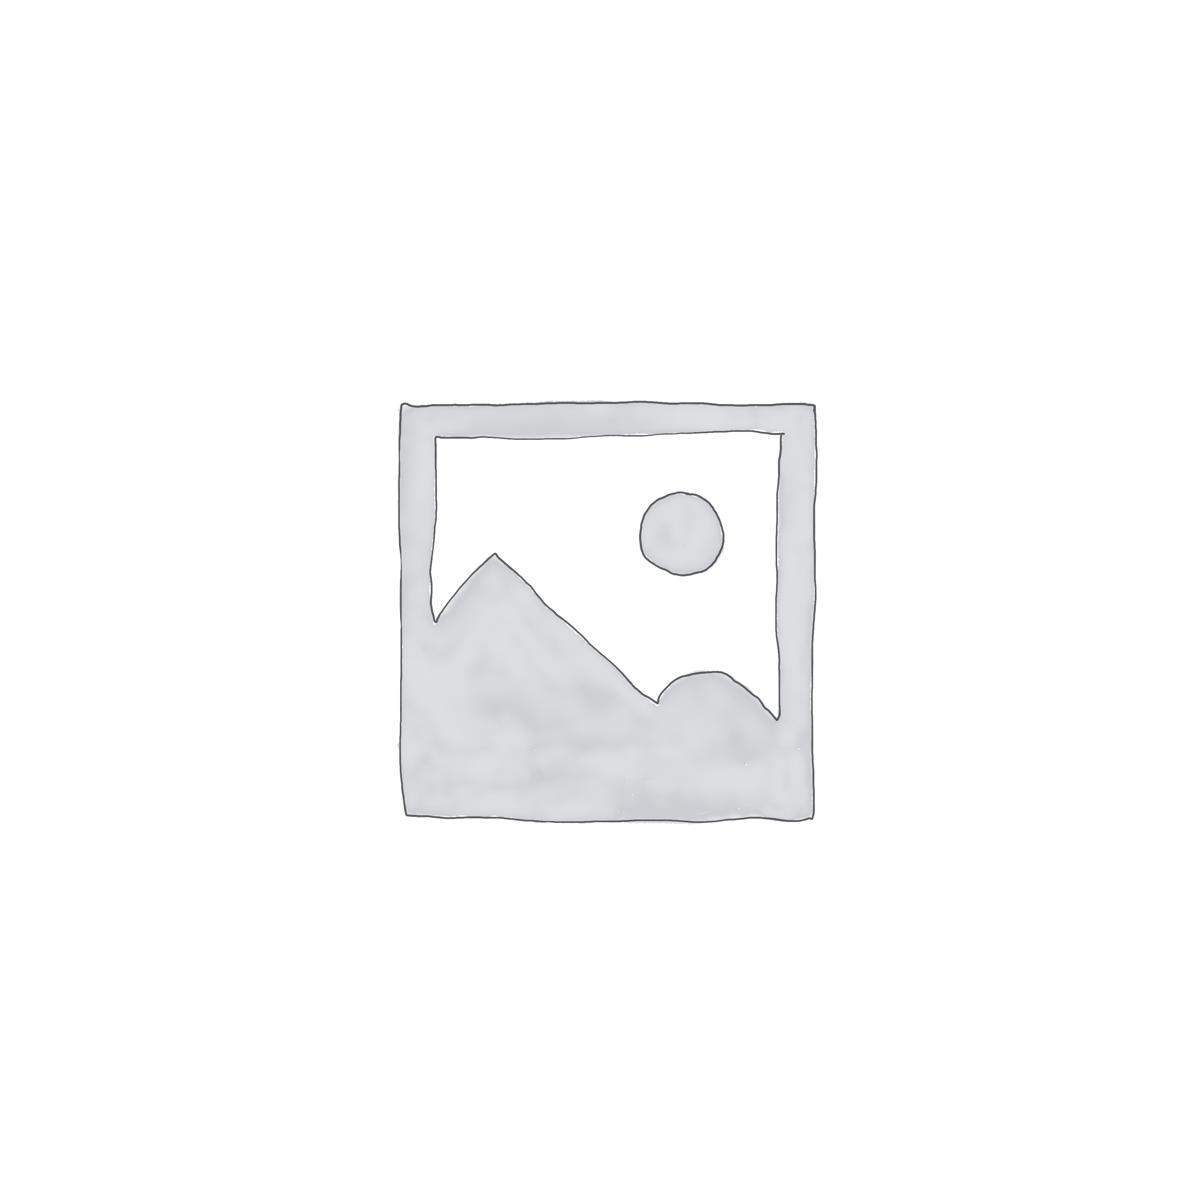 Watercolor Drawing Lotus Floral Art Wallpaper Mural